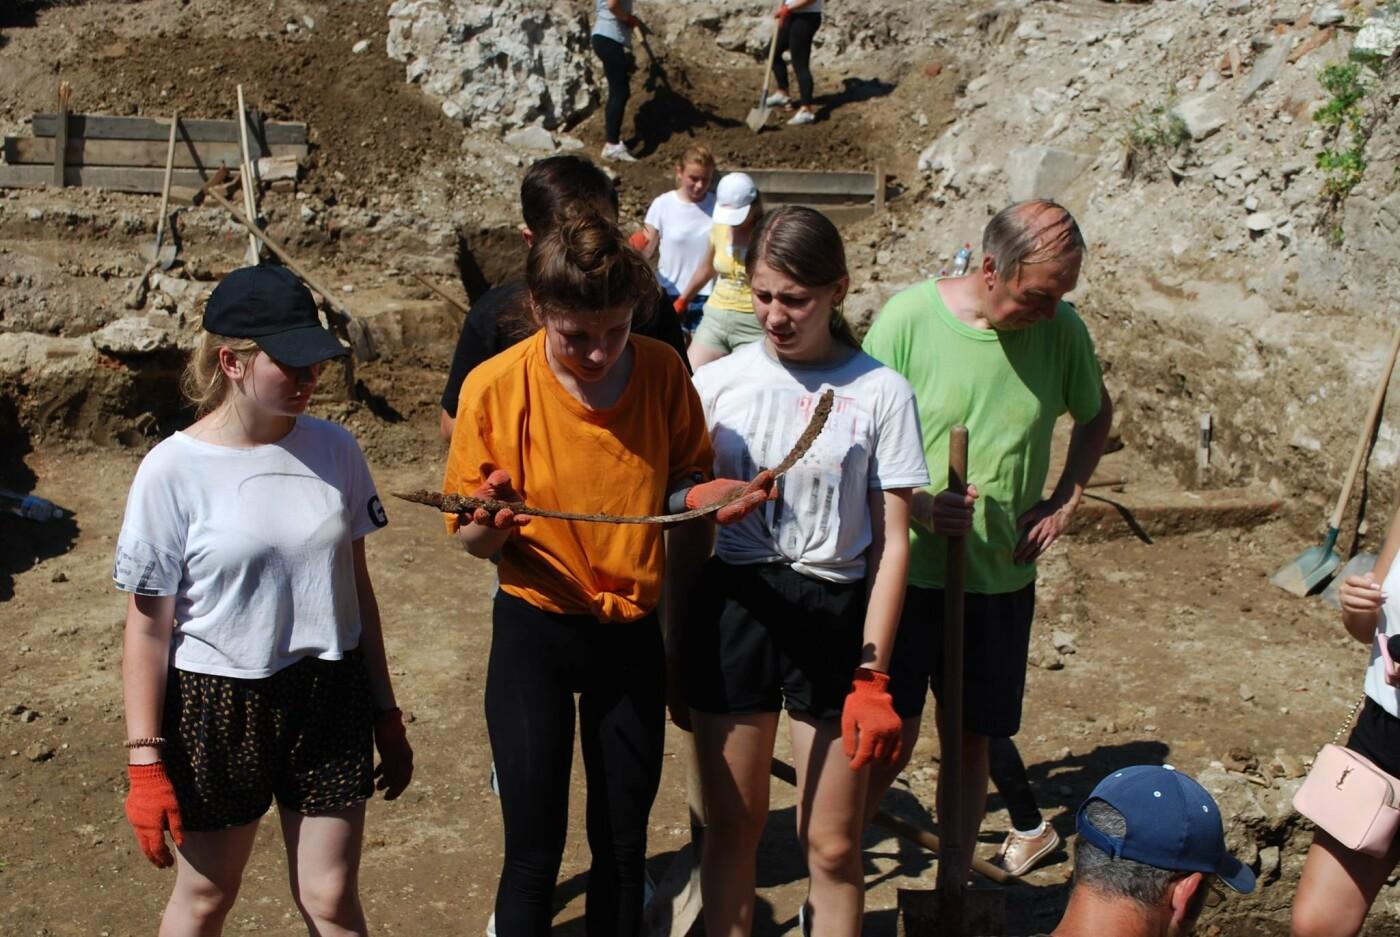 В Ужгороді під час археологічної експедиції студенти-історики виявили цілу низку цікавих артефактів  (ФОТО), фото-1